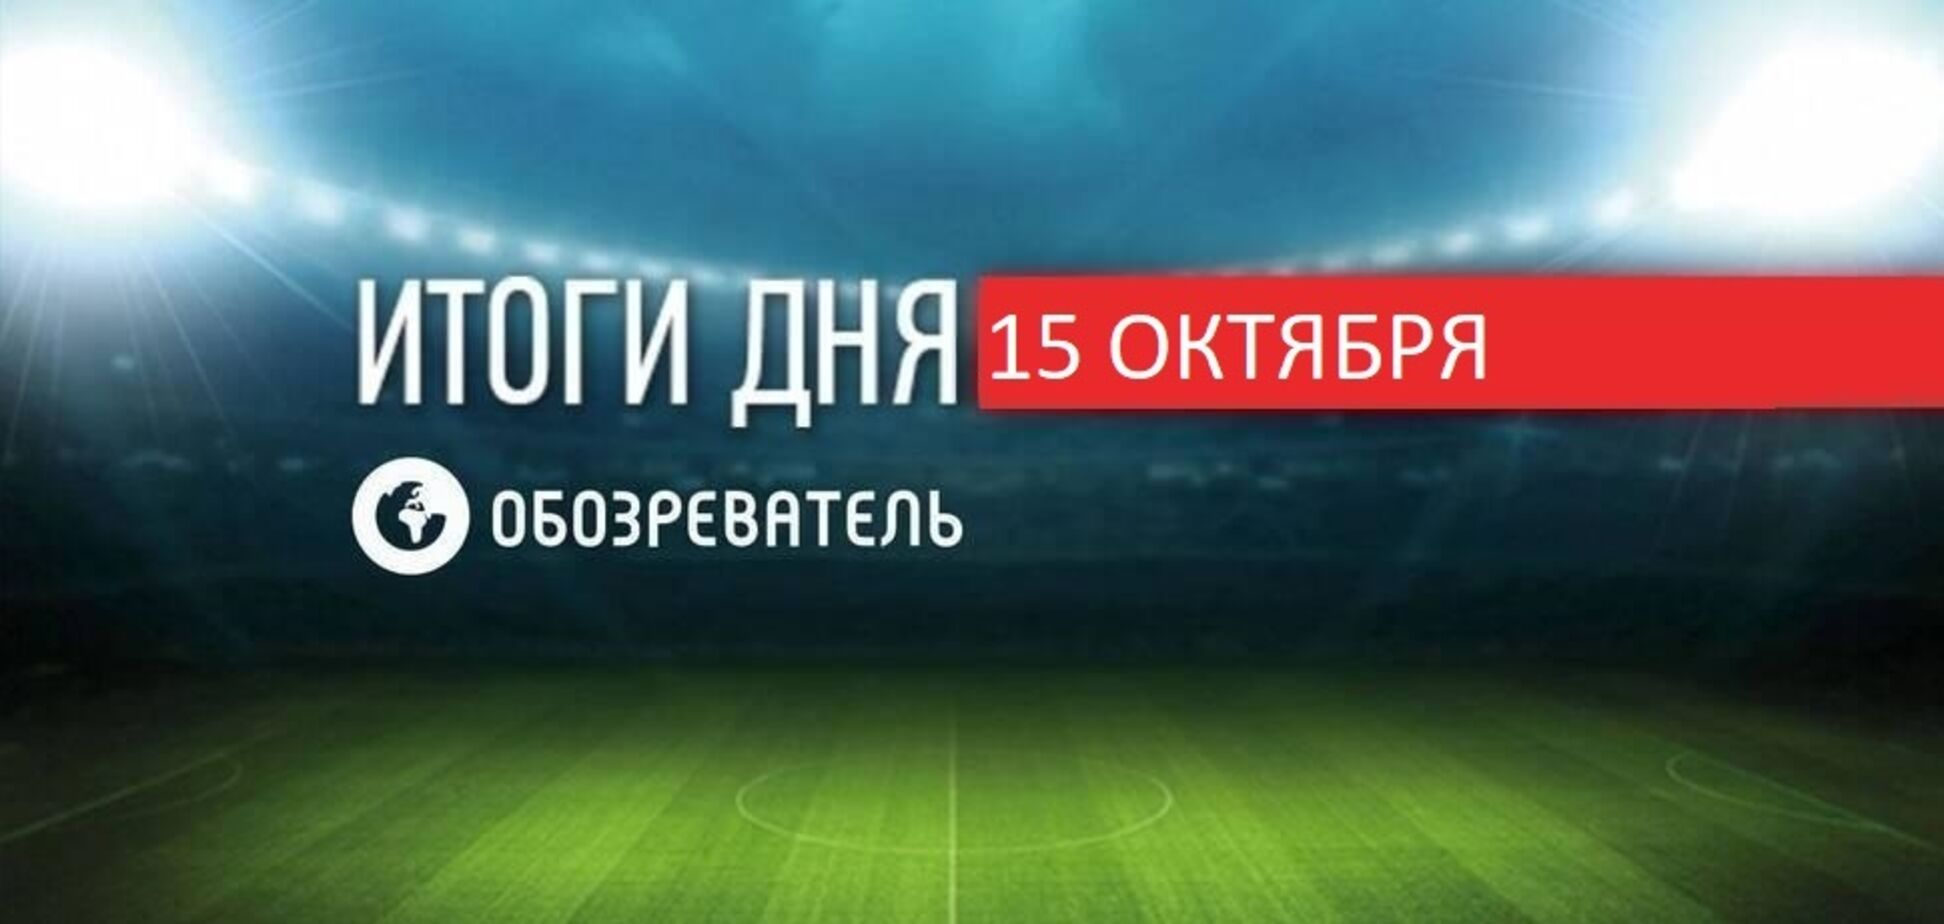 Сколько стоит в Украине посмотреть бой Ломаченко – Лопес: спортивные итоги 15 октября